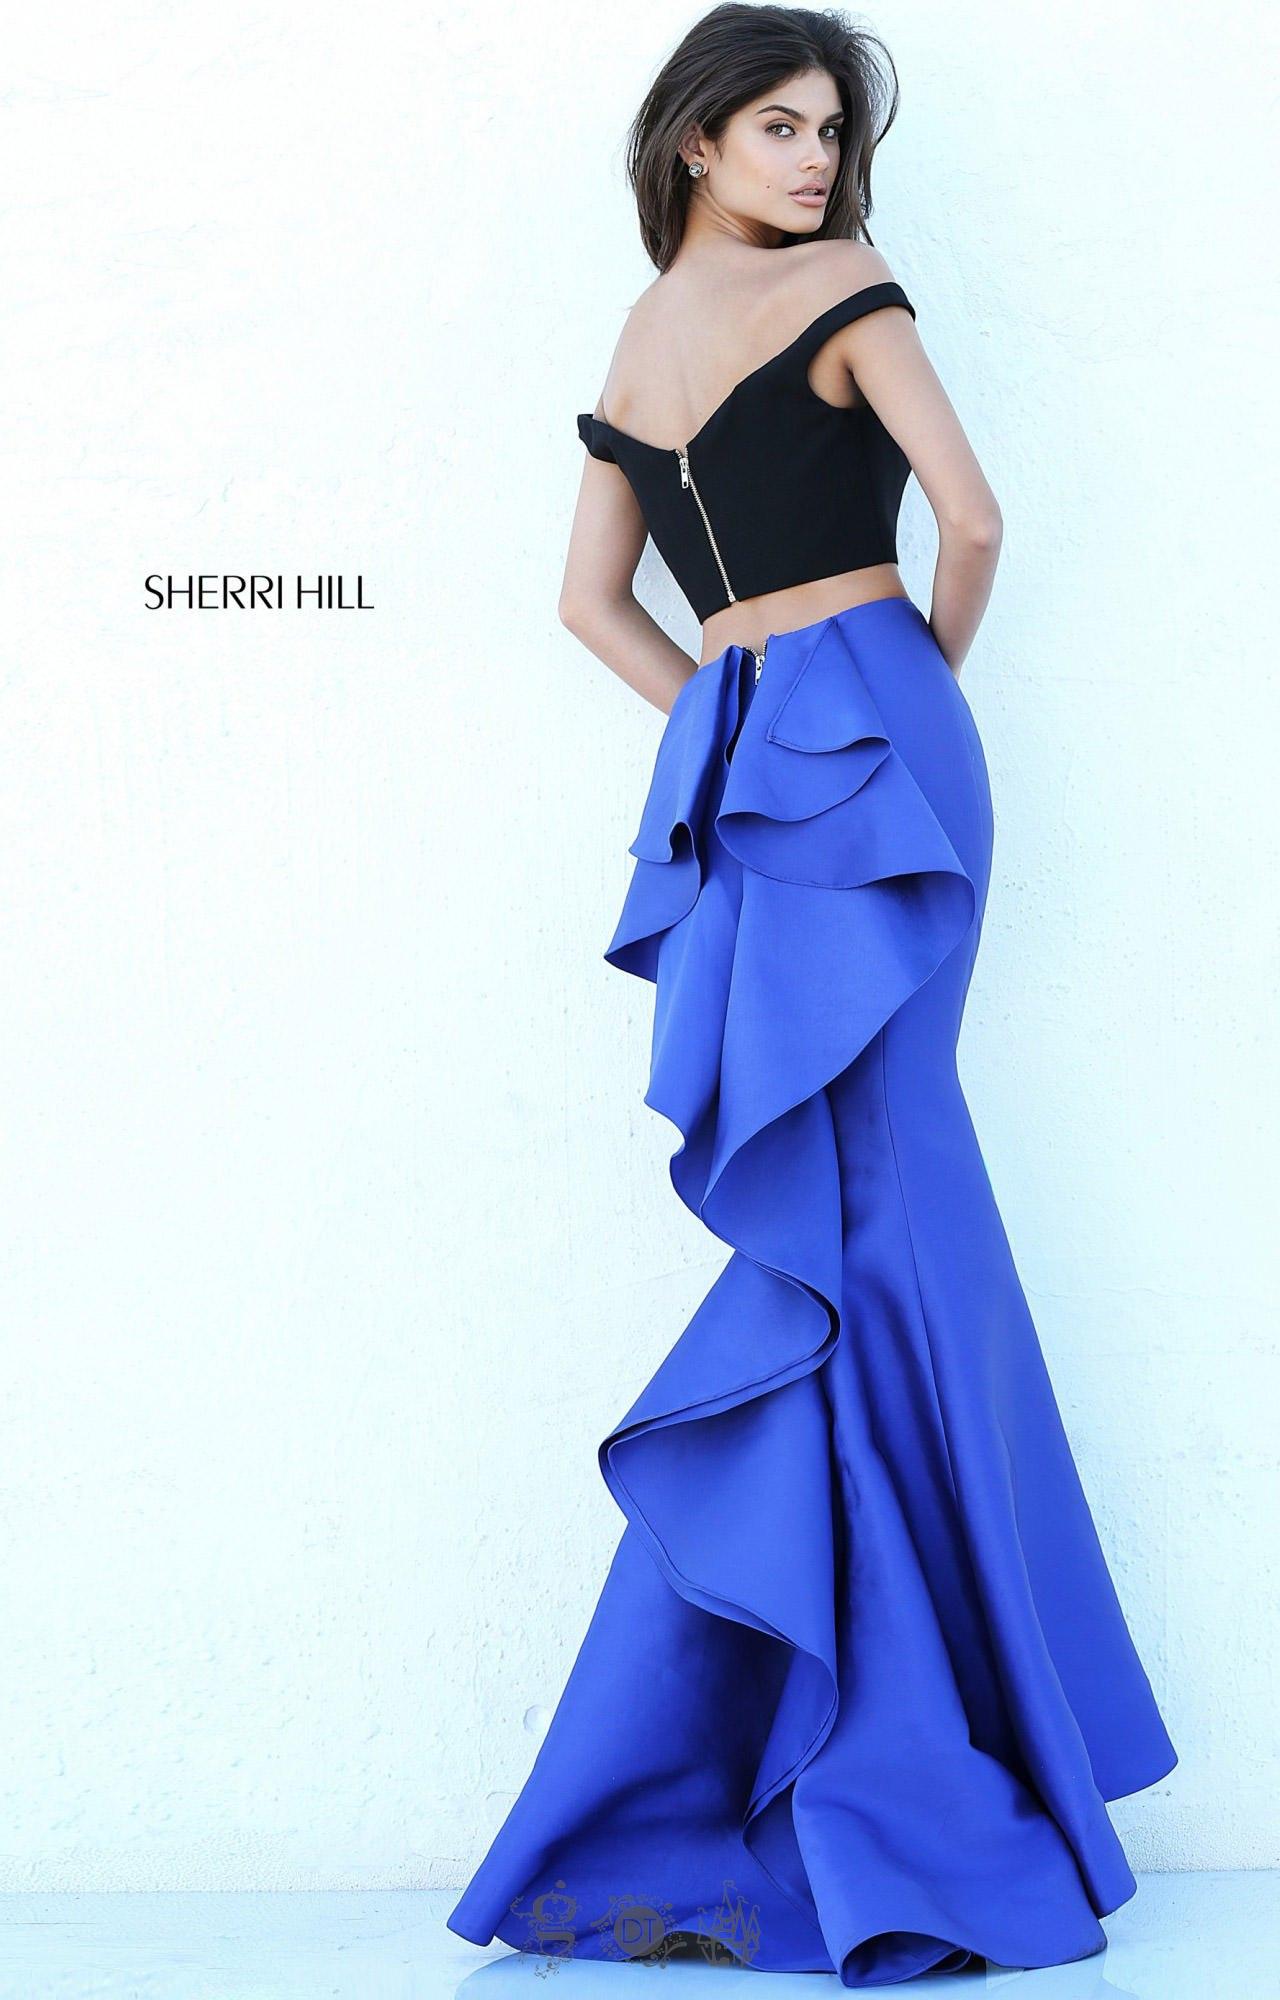 220bd8b8e72 Sherri Hill 50750 - Off-the-Shoulder Color Block 2 Piece Mermaid ...